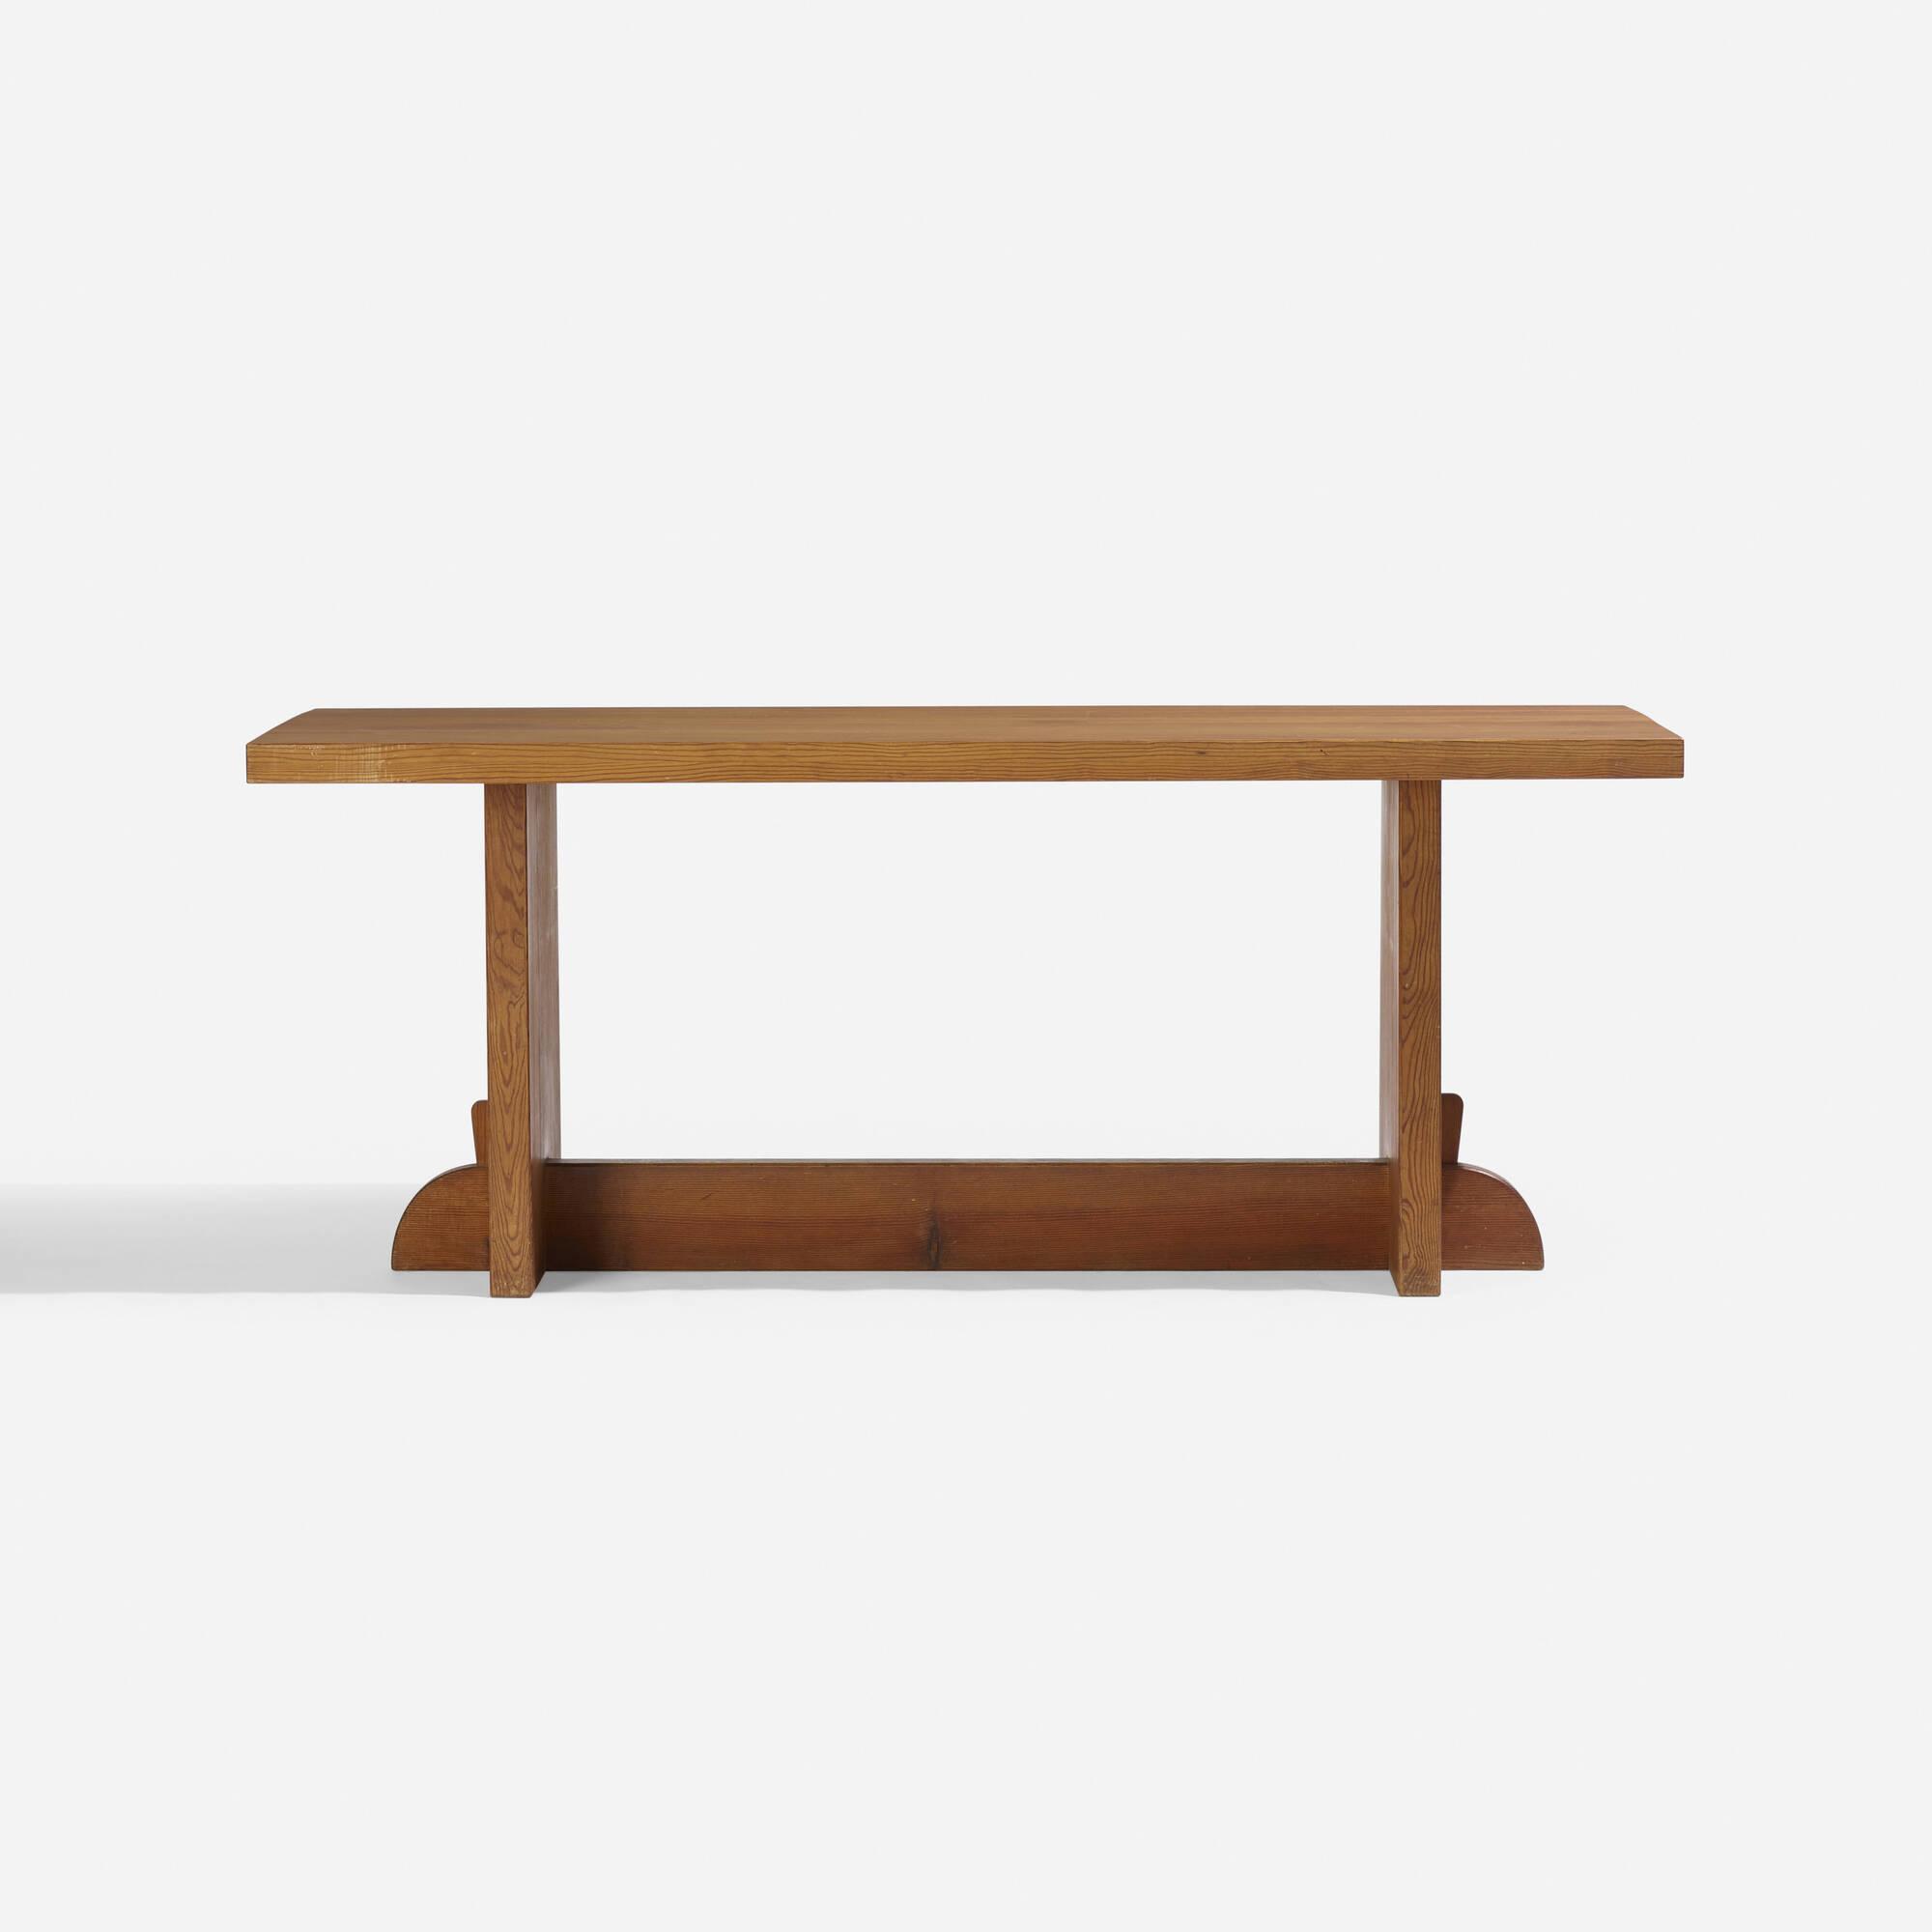 117: Axel Einar Hjorth / Lovö dining table (2 of 3)